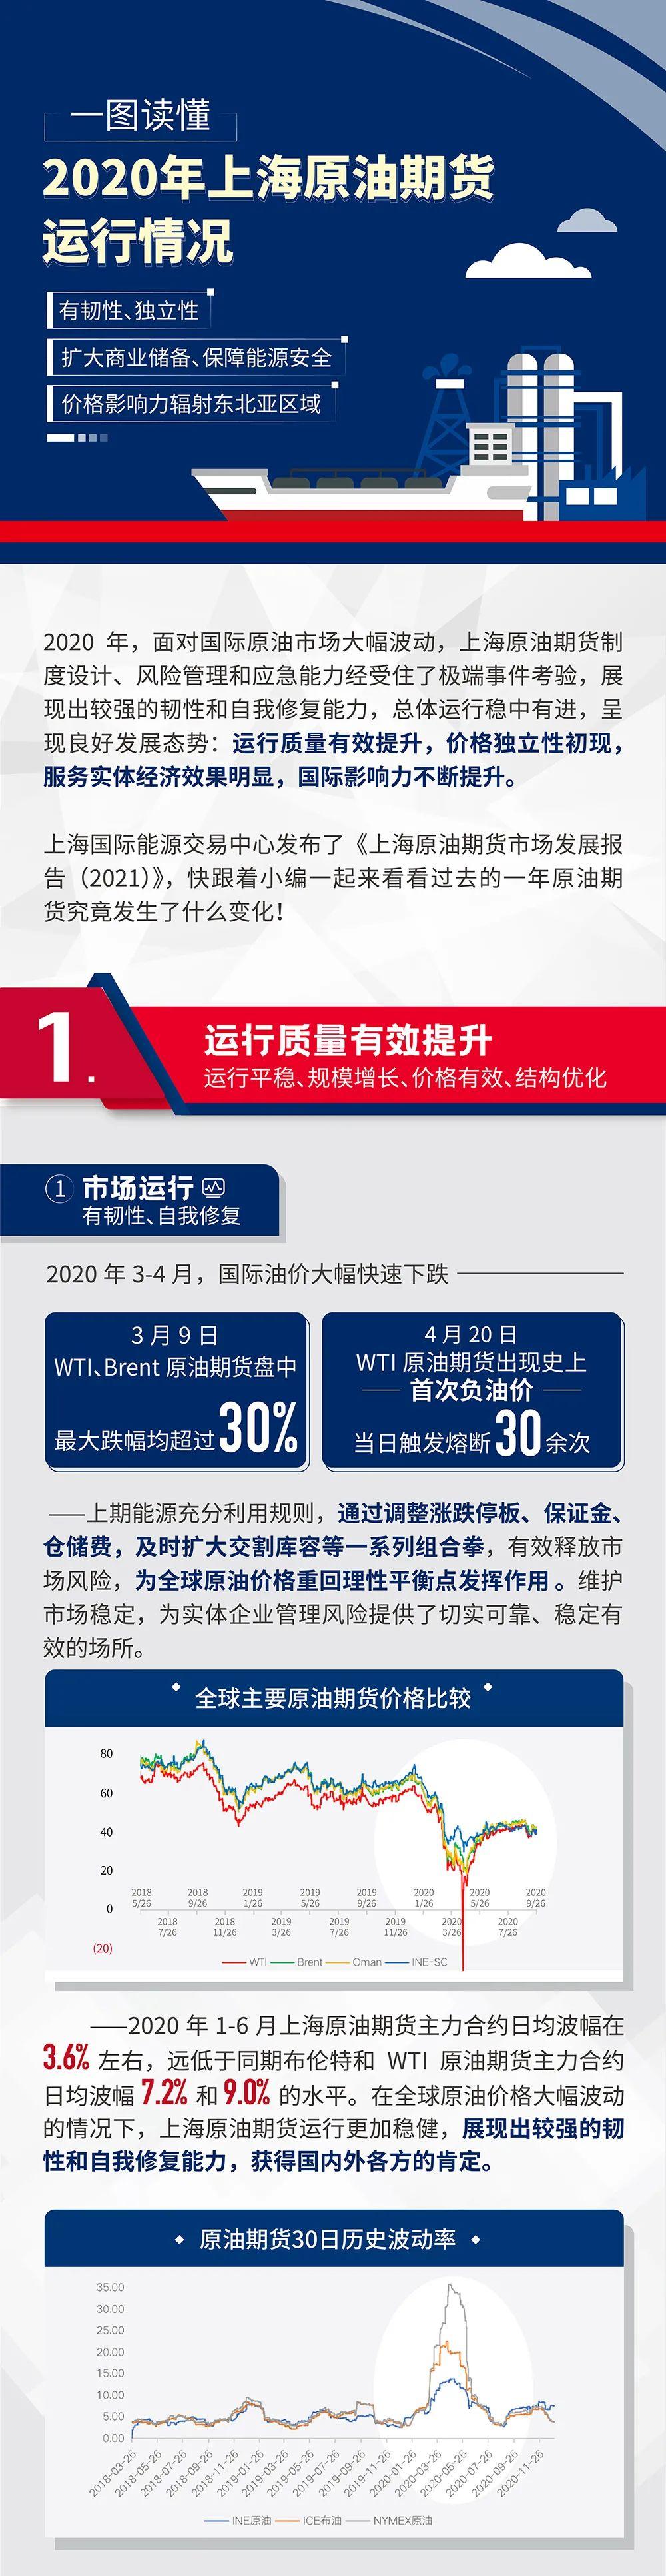 一图读懂2020年上海原油期货运行情况